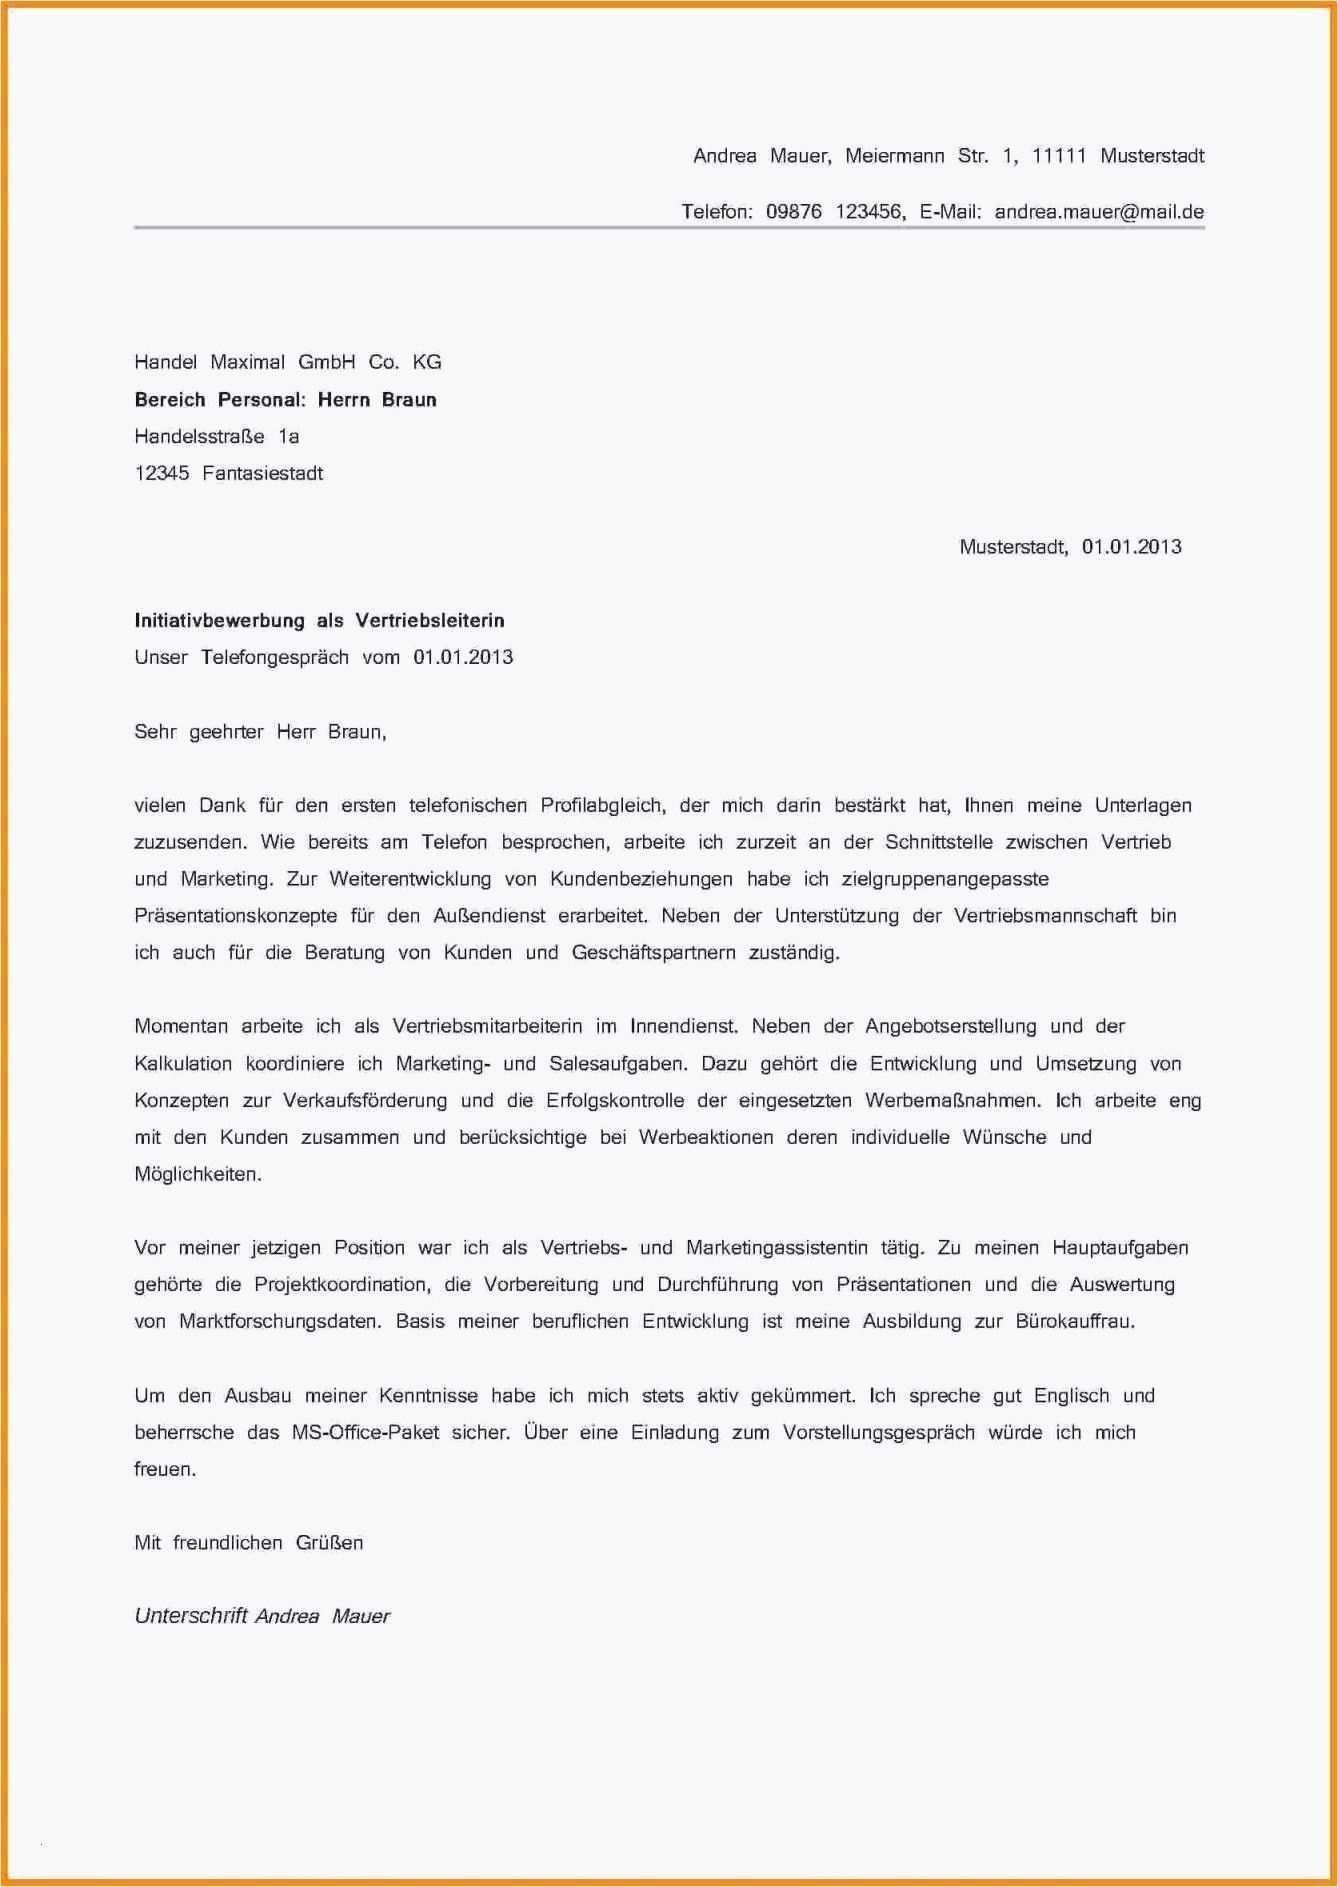 Frisch Bewerbungsschreiben Produktionshelfer Ohne Erfahrung Briefprobe Briefformat Briefvorlage Lebenslauf Muster Lebenslauf Lebenslaufvorlage Kostenlos